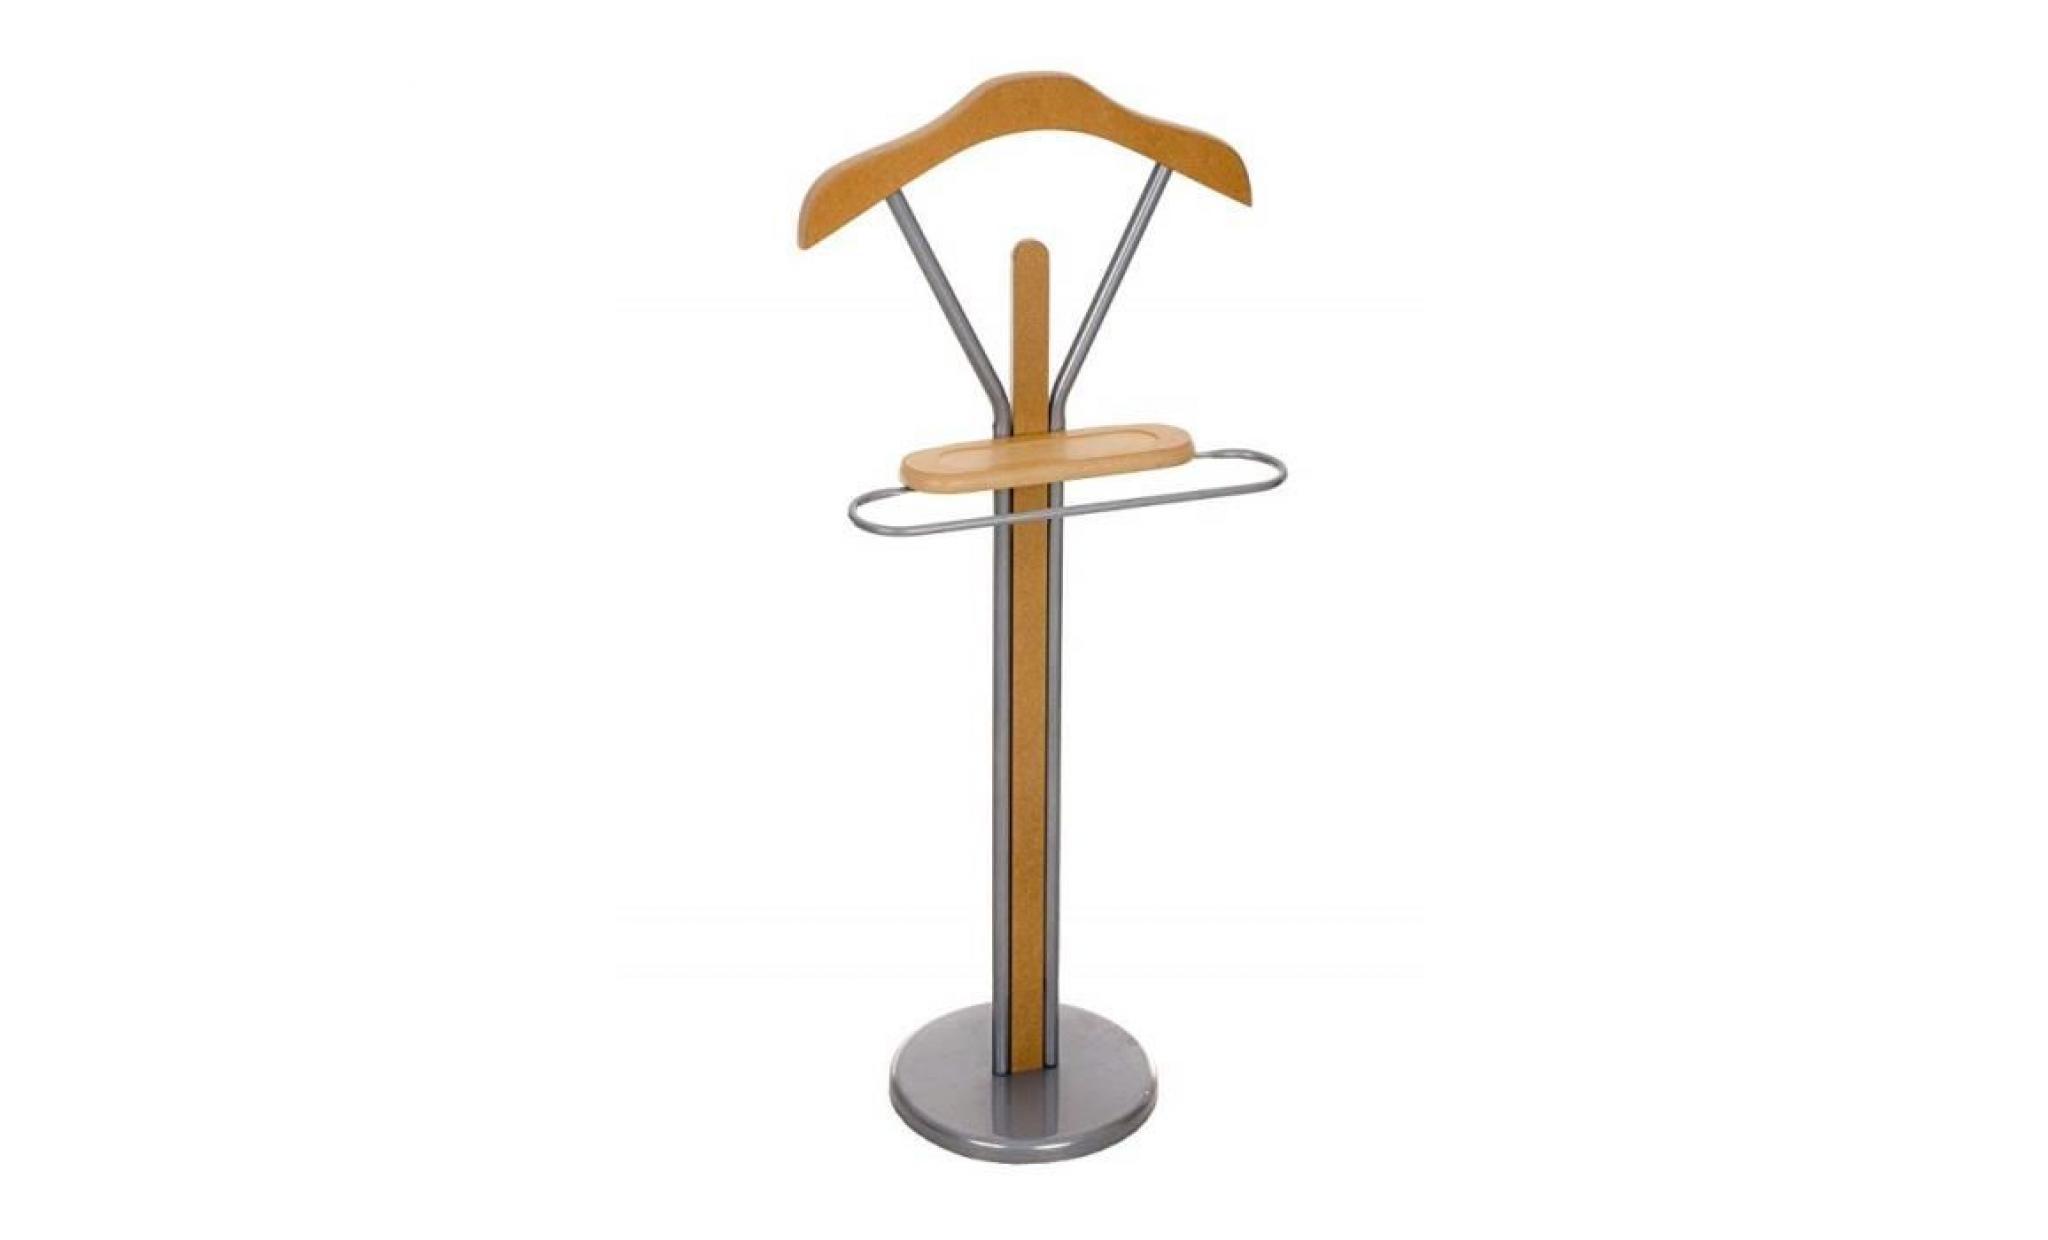 valet de chambre moderne ronald en métal chromé pratique pour un usage  quotidien valet de nuit avec cintre inclus, 5 couleurs au